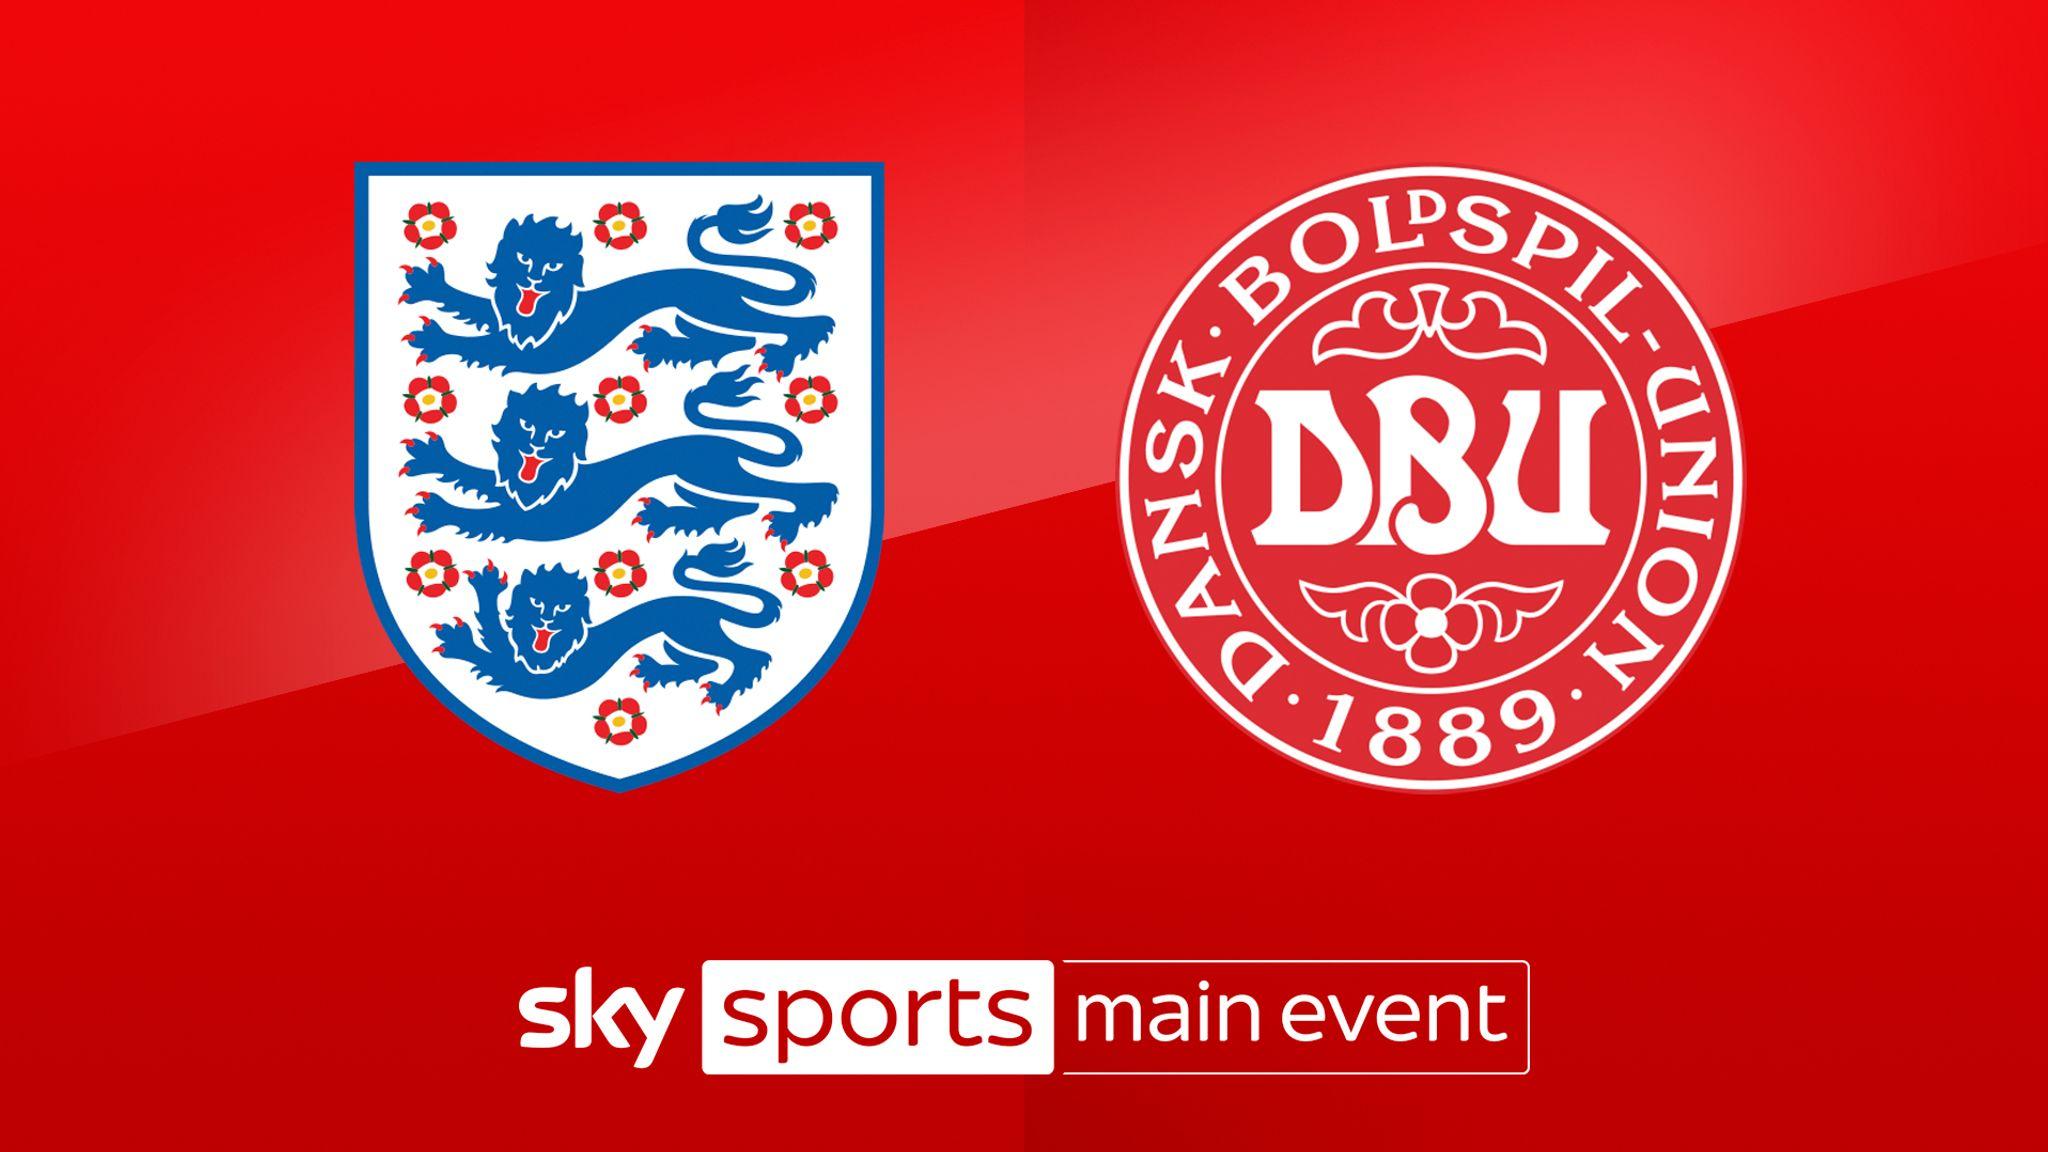 skysports-england-denmark-nations-league_5132076